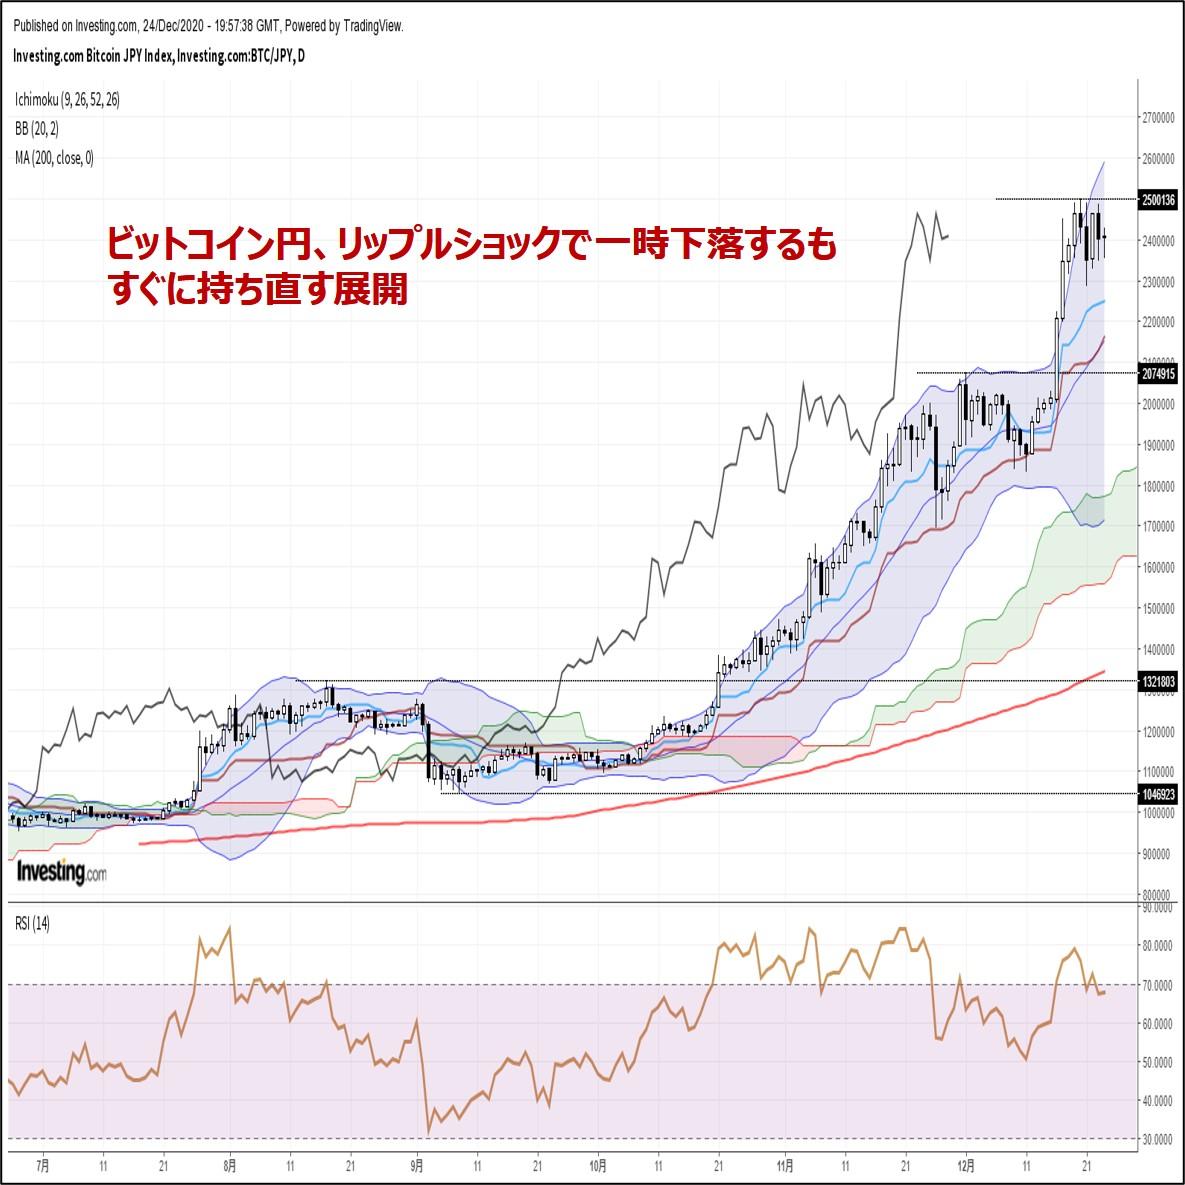 ビットコイン円、リップルショックで一時下落するもすぐに持ち直す展開(12/25朝)